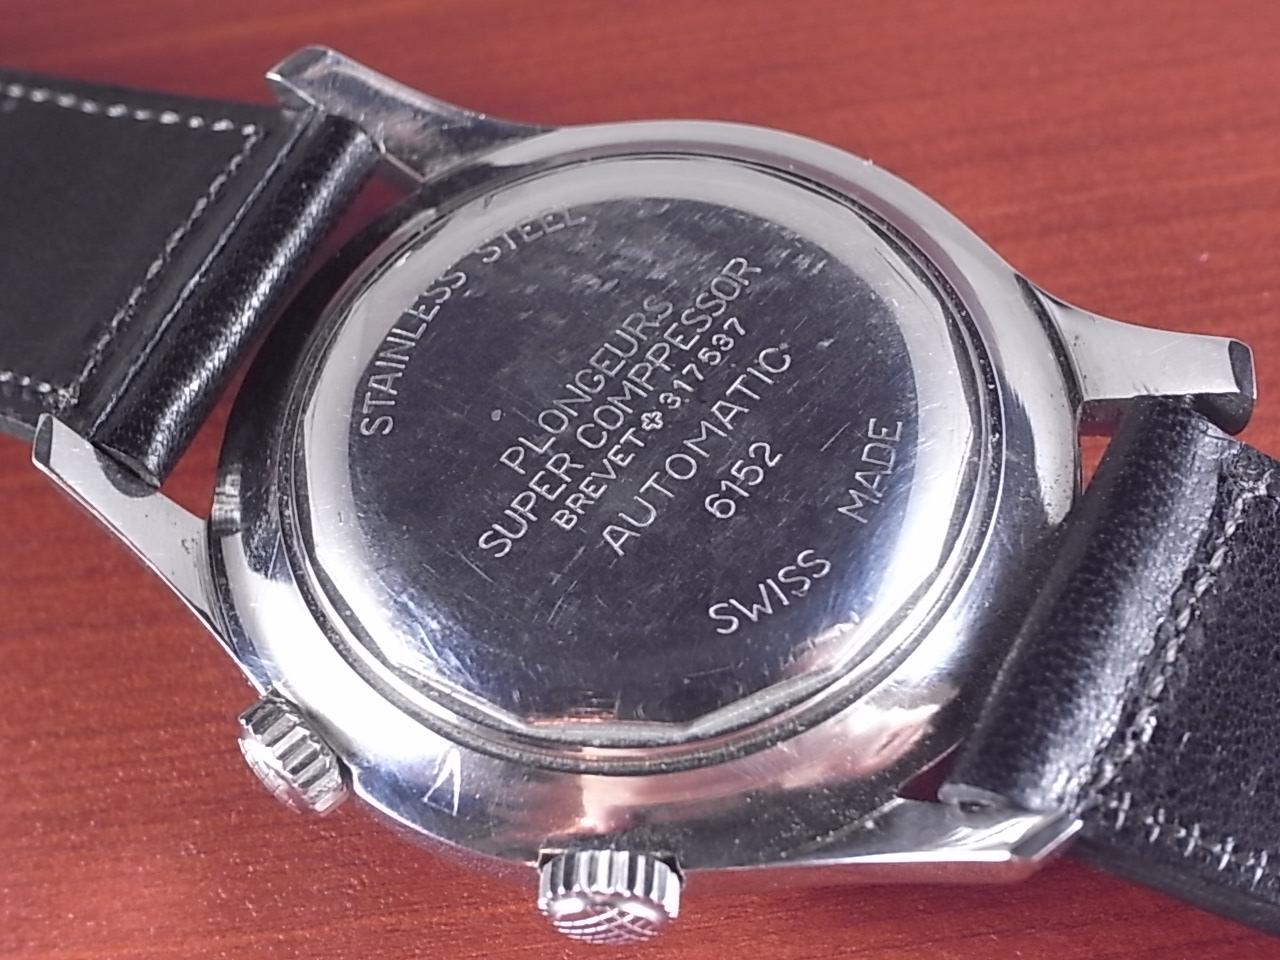 フレコ PLONGEURS ダイバーズ ラージスーパーコンプレッサーケース 1960年代の写真4枚目